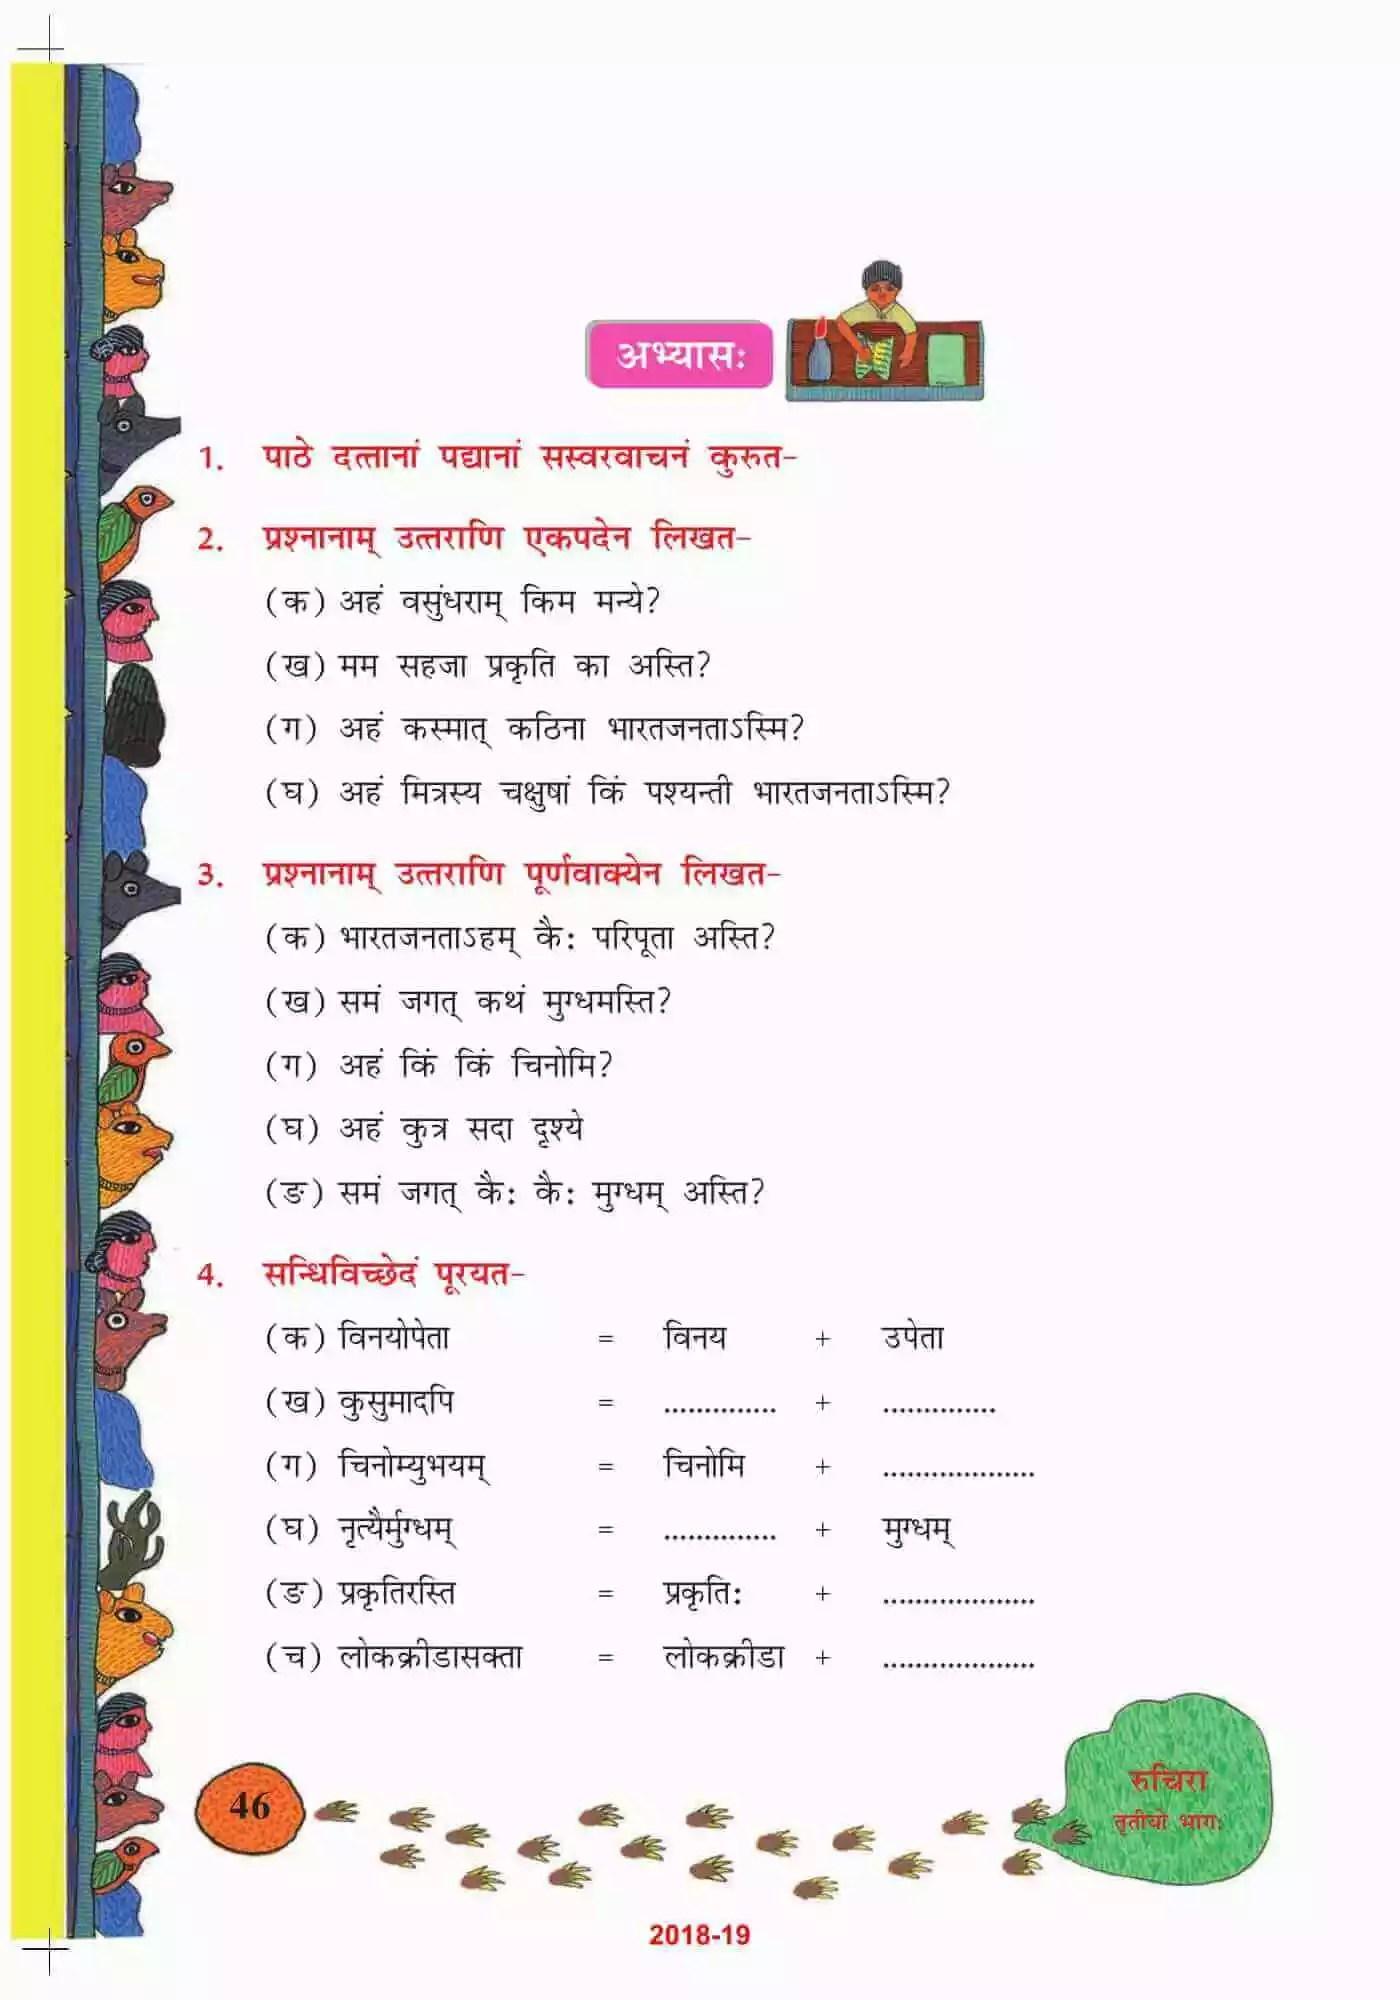 NCERT Solutions For Class 8 Sanskrit Chapter 7